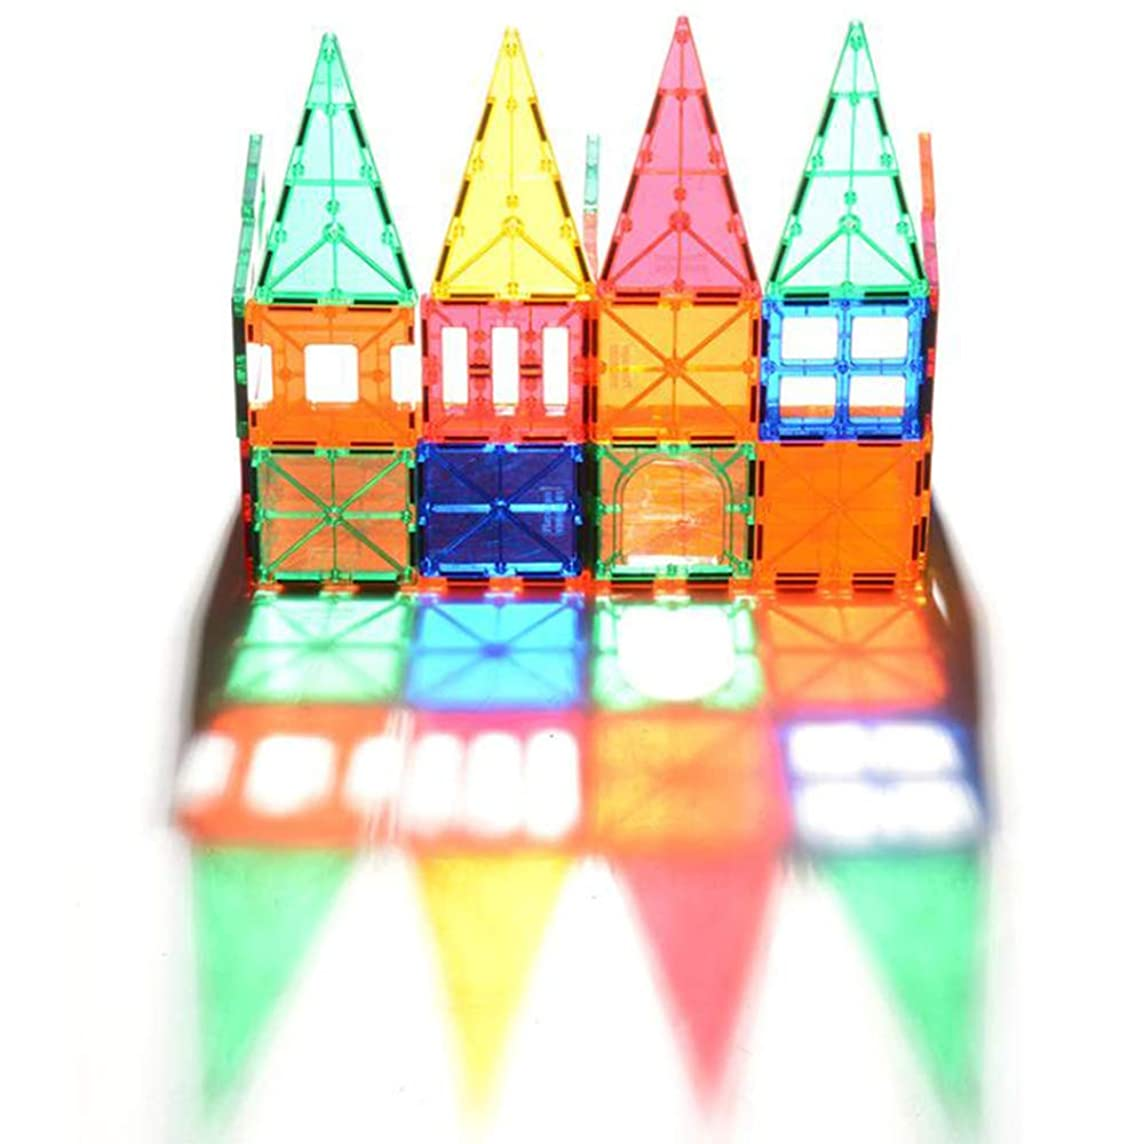 WXIAORONG Magnetic Piece Building Block,100 PCS Preschool DIY Assembled Building Blocks Transparent Color Construction Assembled Children's Educational Toys